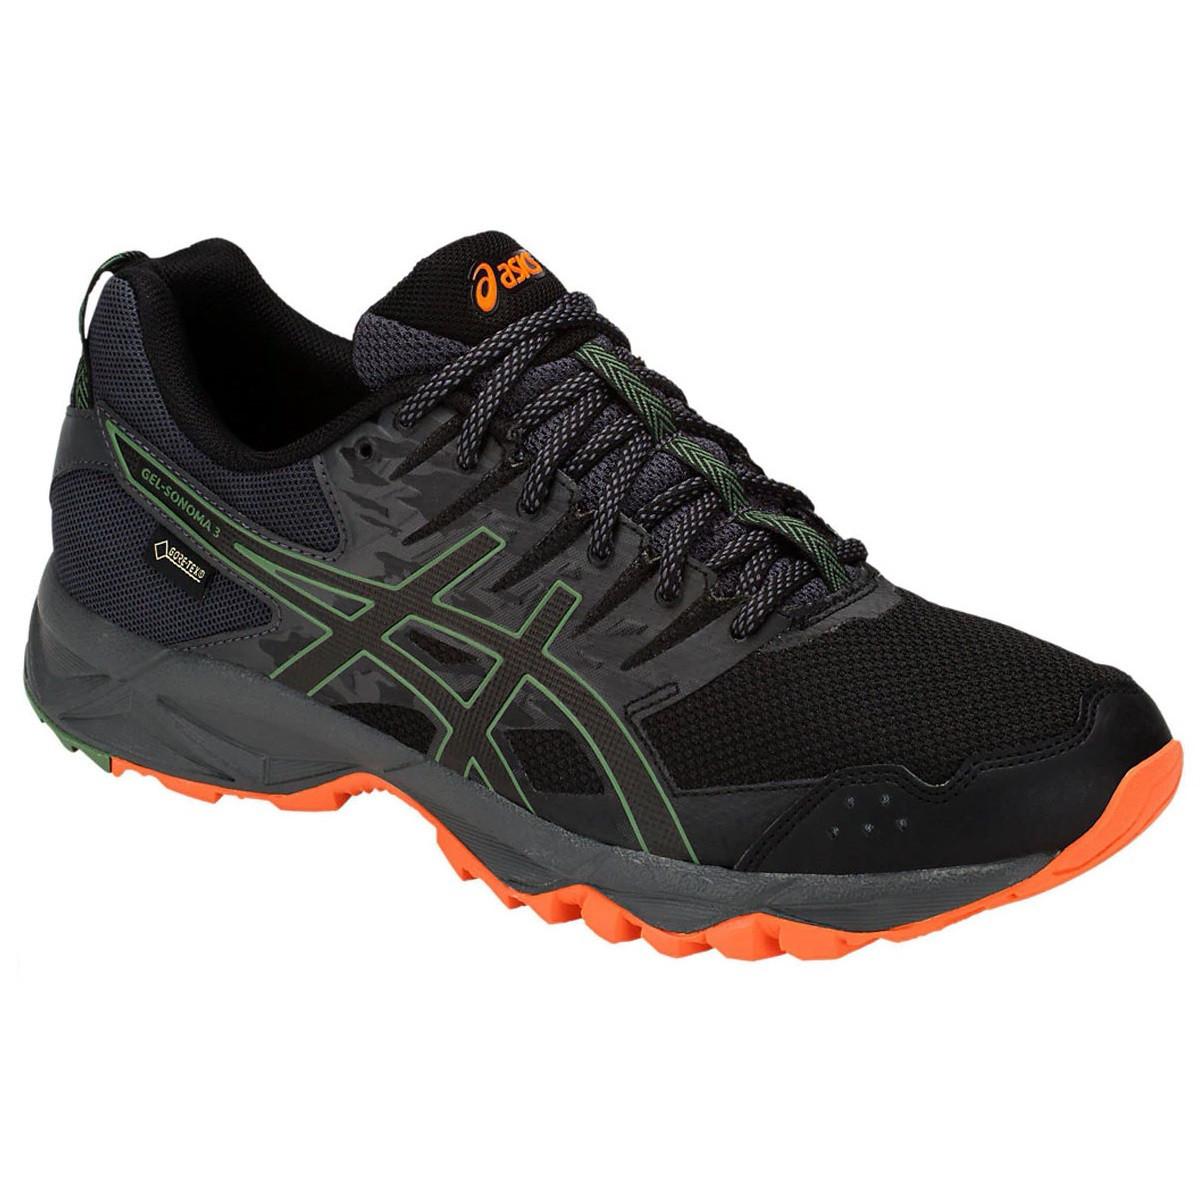 Asics Gel Sonoma 3 GTX в категории беговые кроссовки в Украине. Сравнить  цены, купить потребительские товары на маркетплейсе Prom.ua 8c8496b26a4